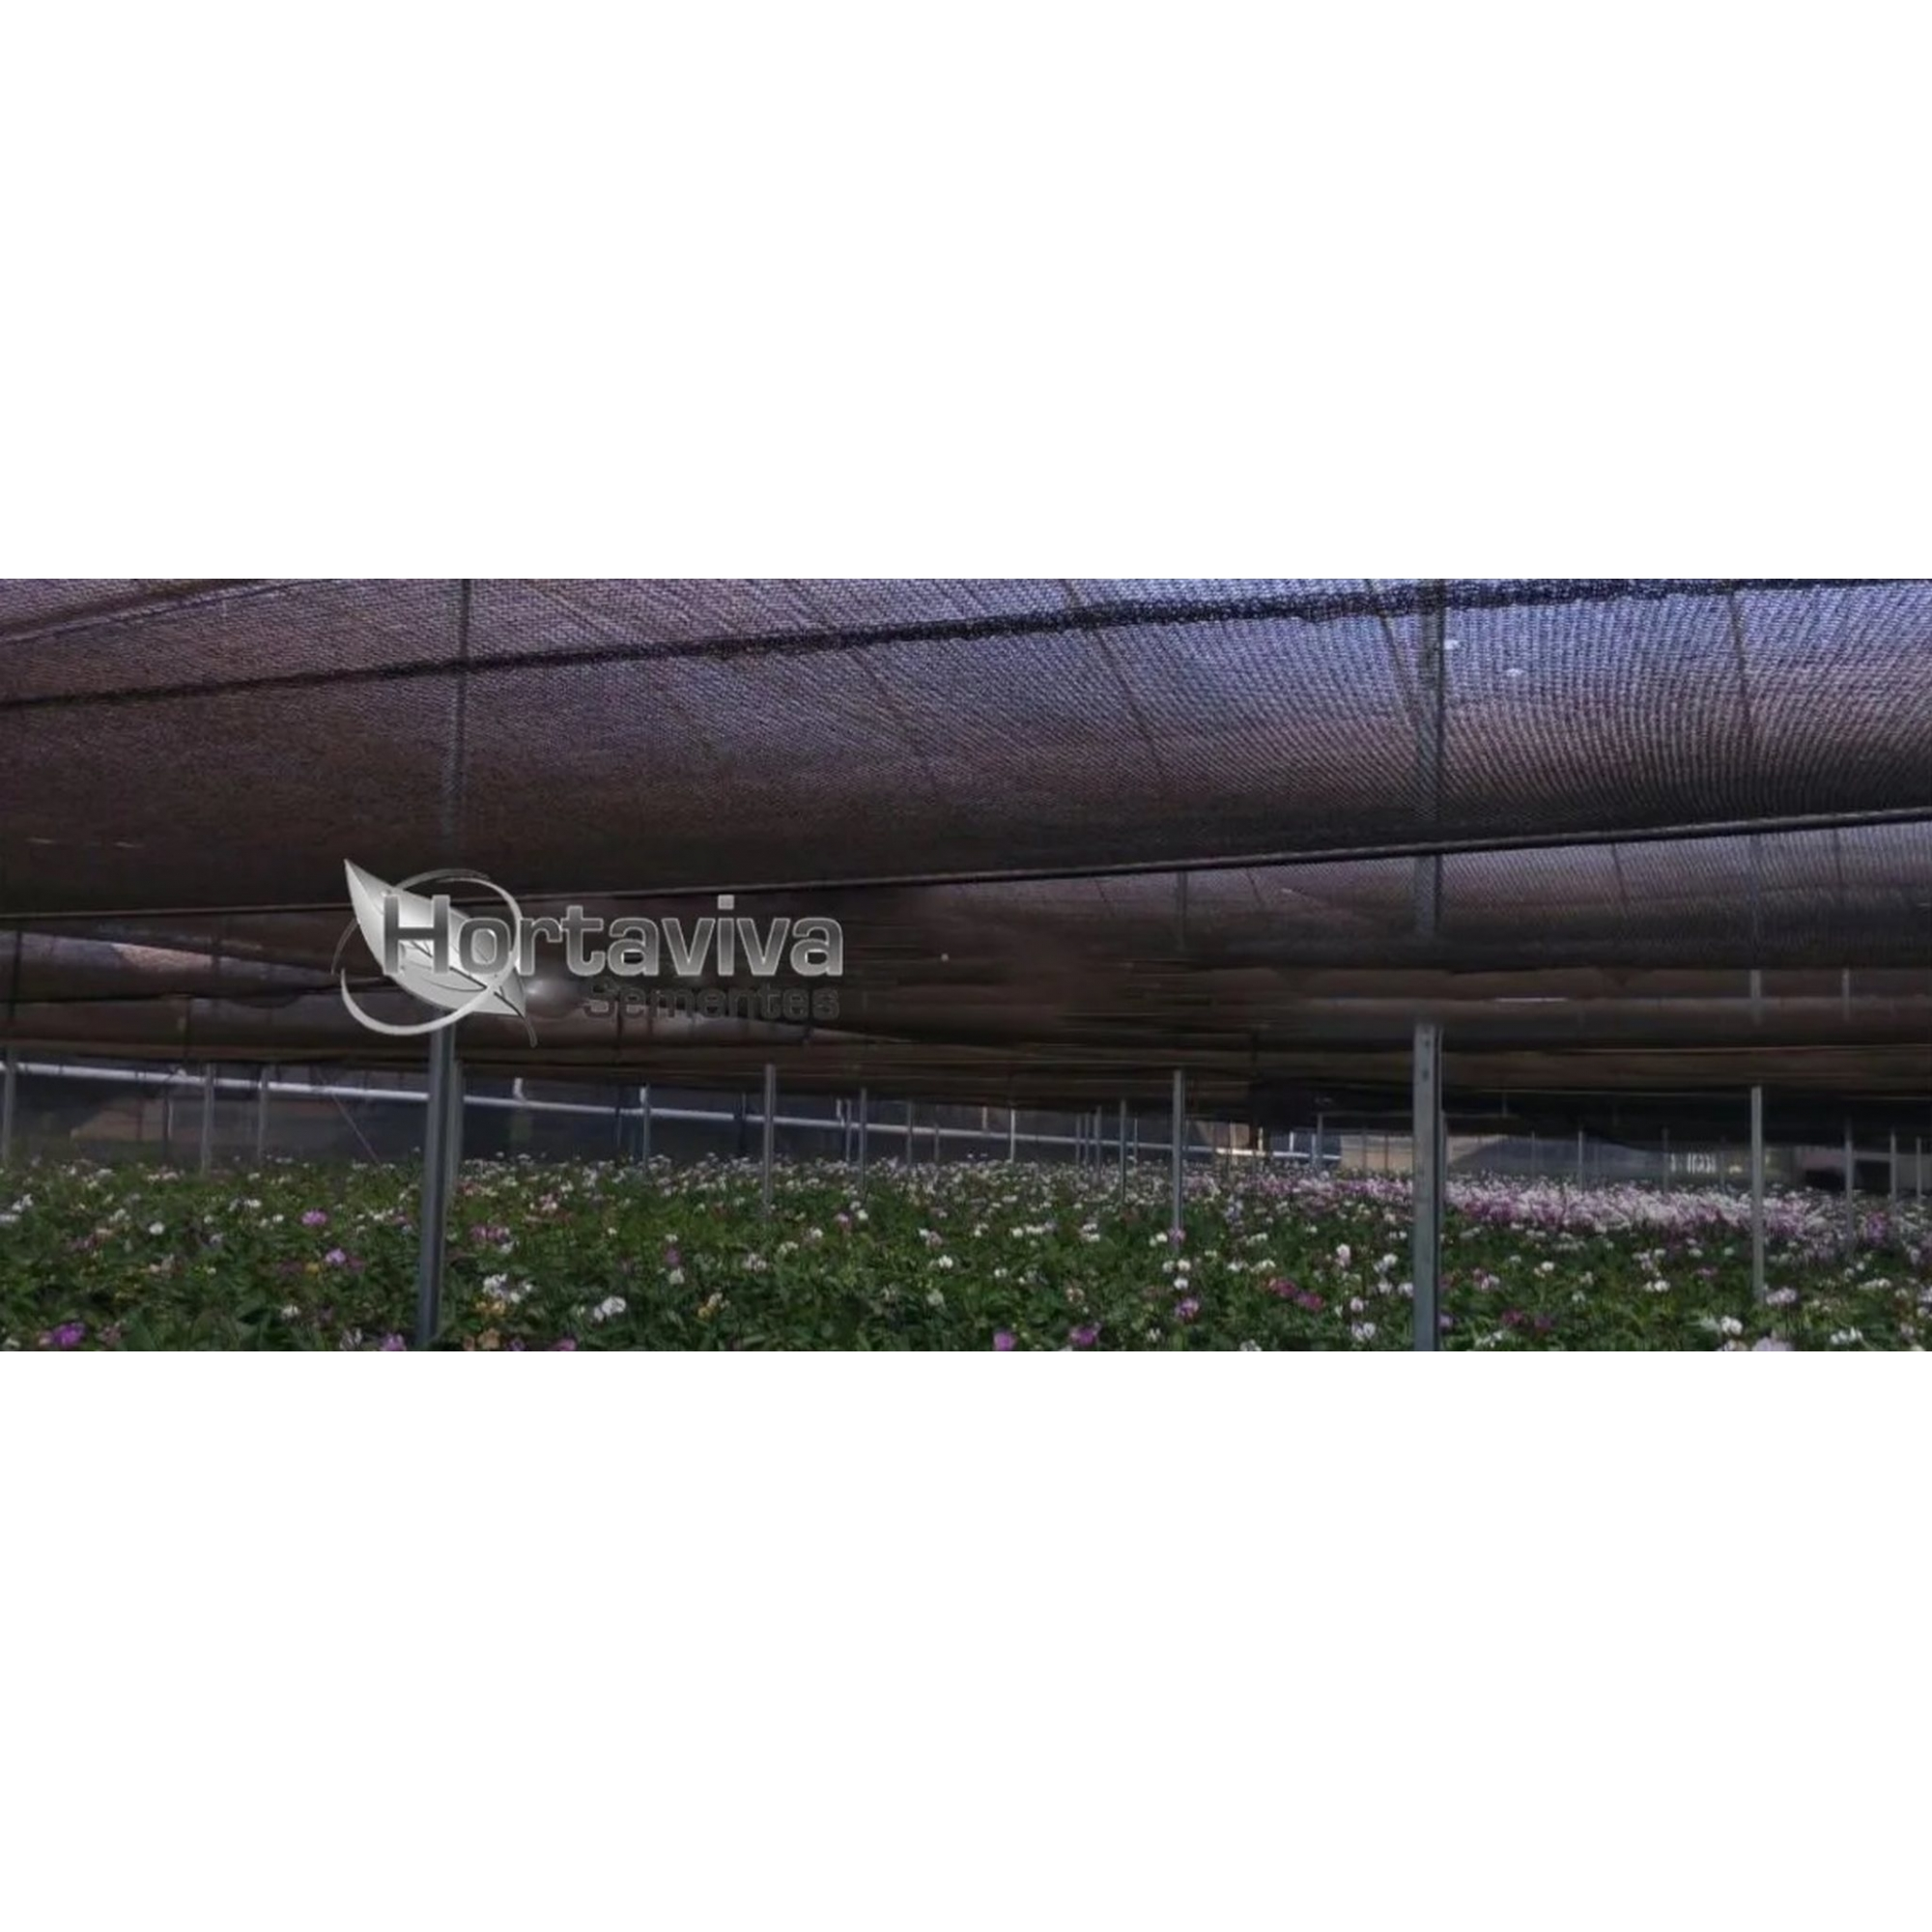 Tela de Sombreamento Preta 50% - 12 Metros x 10 Metros